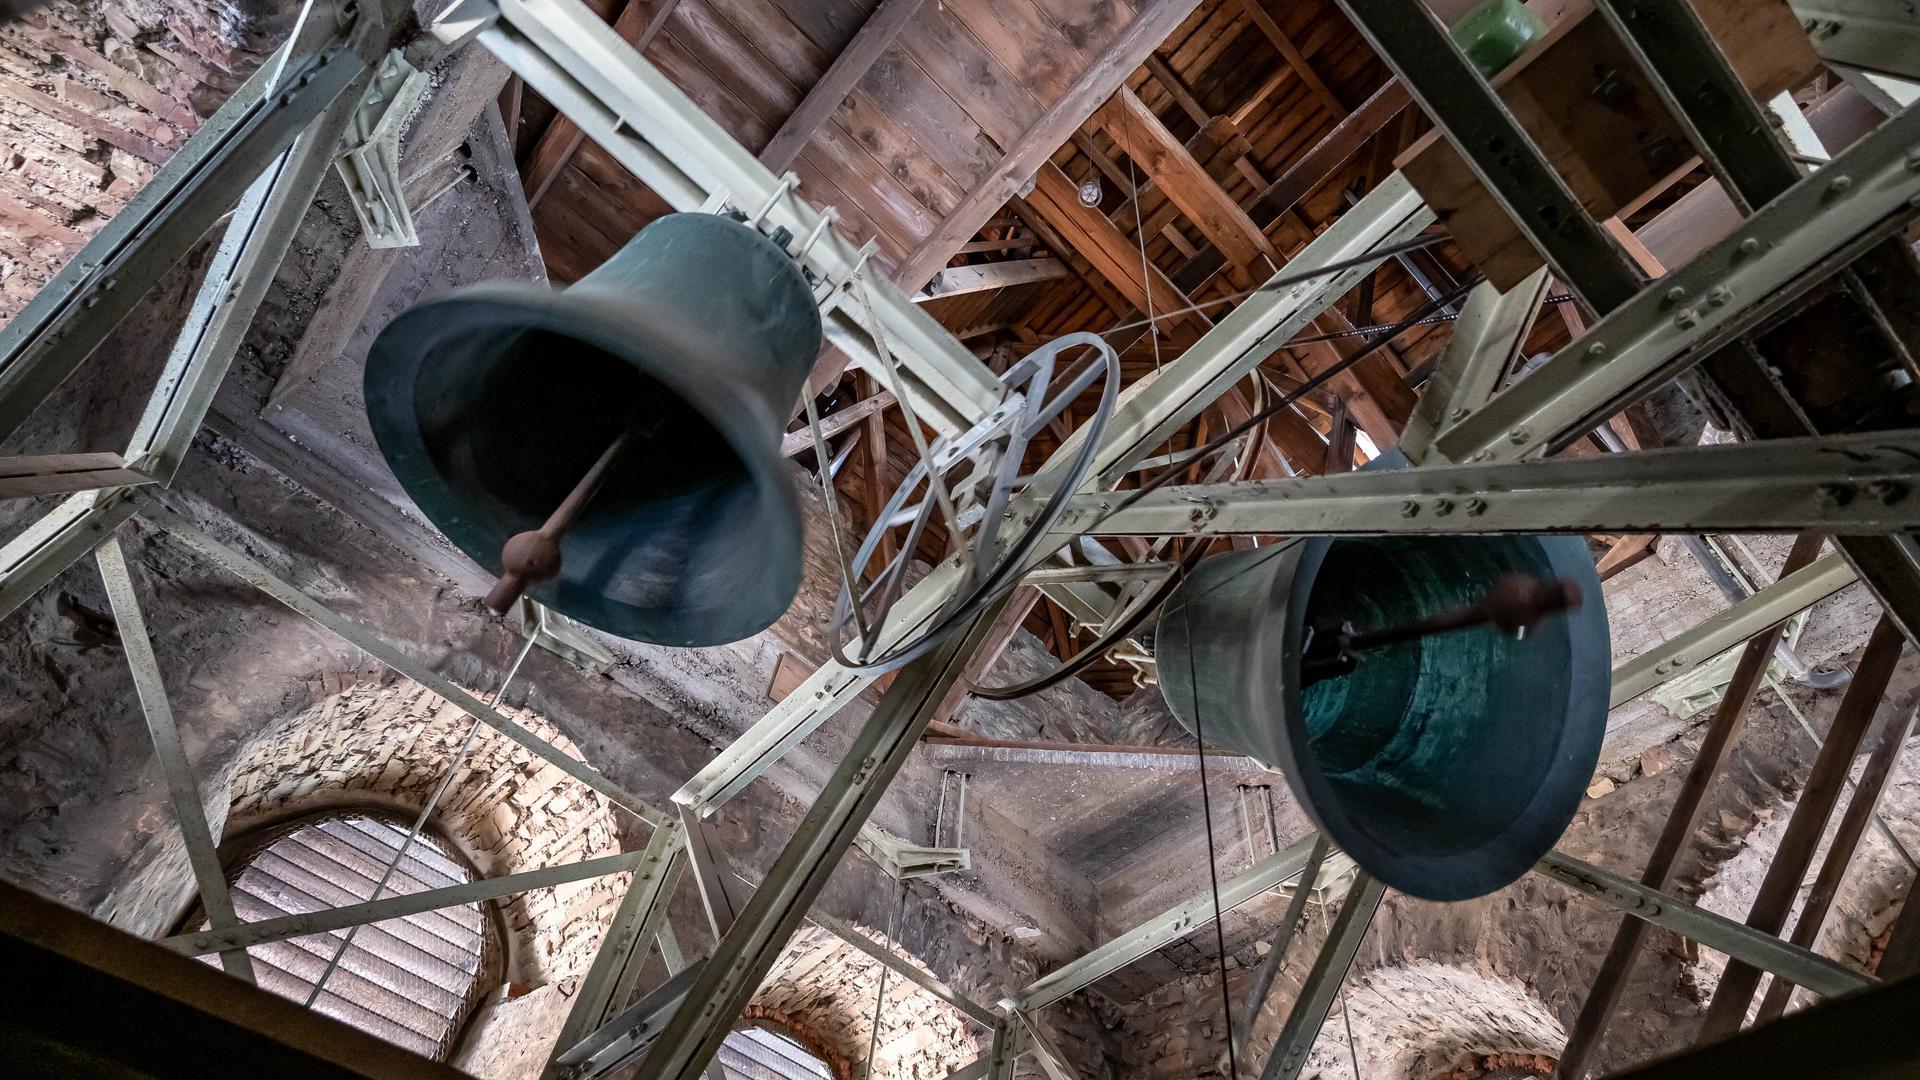 Kirchenglocken läuten um 18 Uhr zum Gedenken an die Opfer der Hochwasser-Katastrophe. Landesweit wurden zu dieser Stunde die Glocken an vielen Orten geläutet.